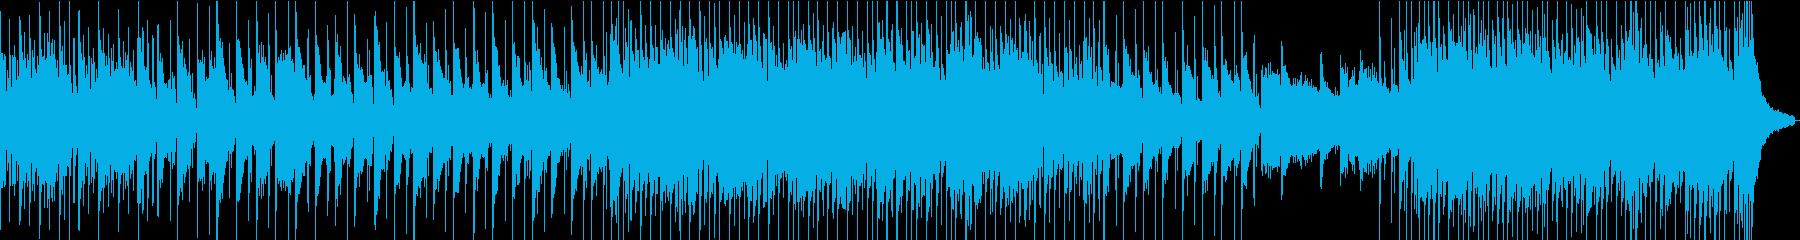 企業VPや映像に前向き・感動ヴァイオリンの再生済みの波形